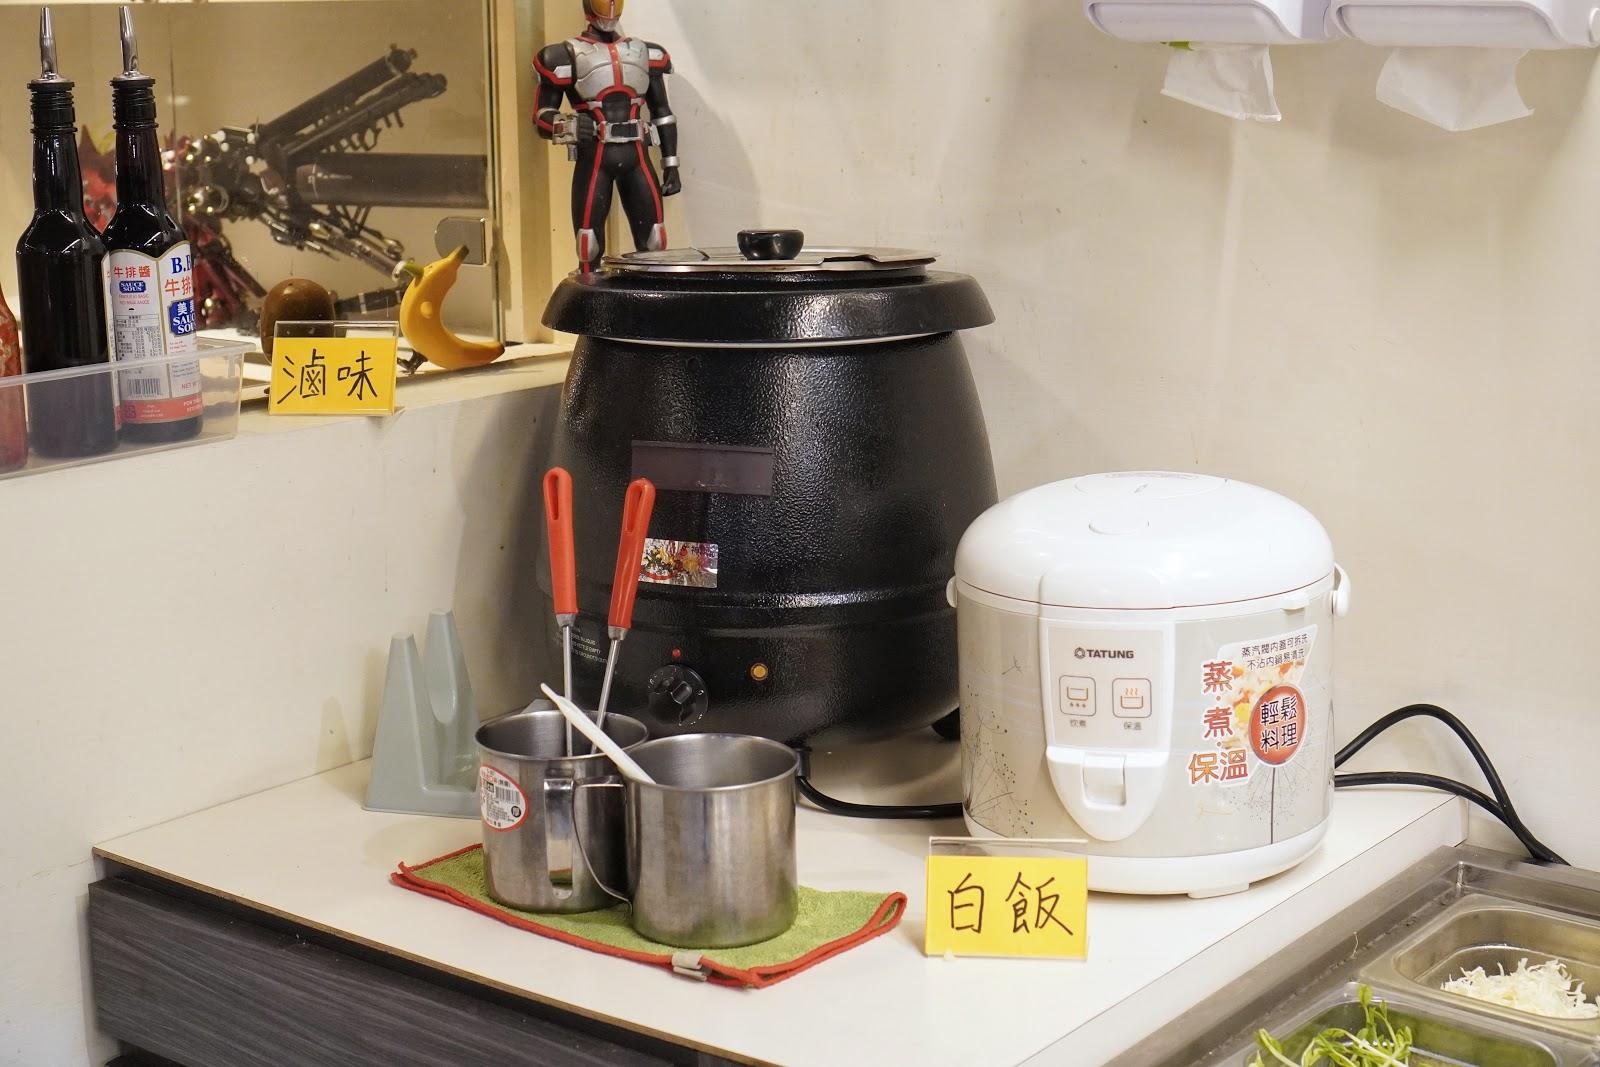 台南東區美食【大大力牛排館】白飯、滷味吃到飽